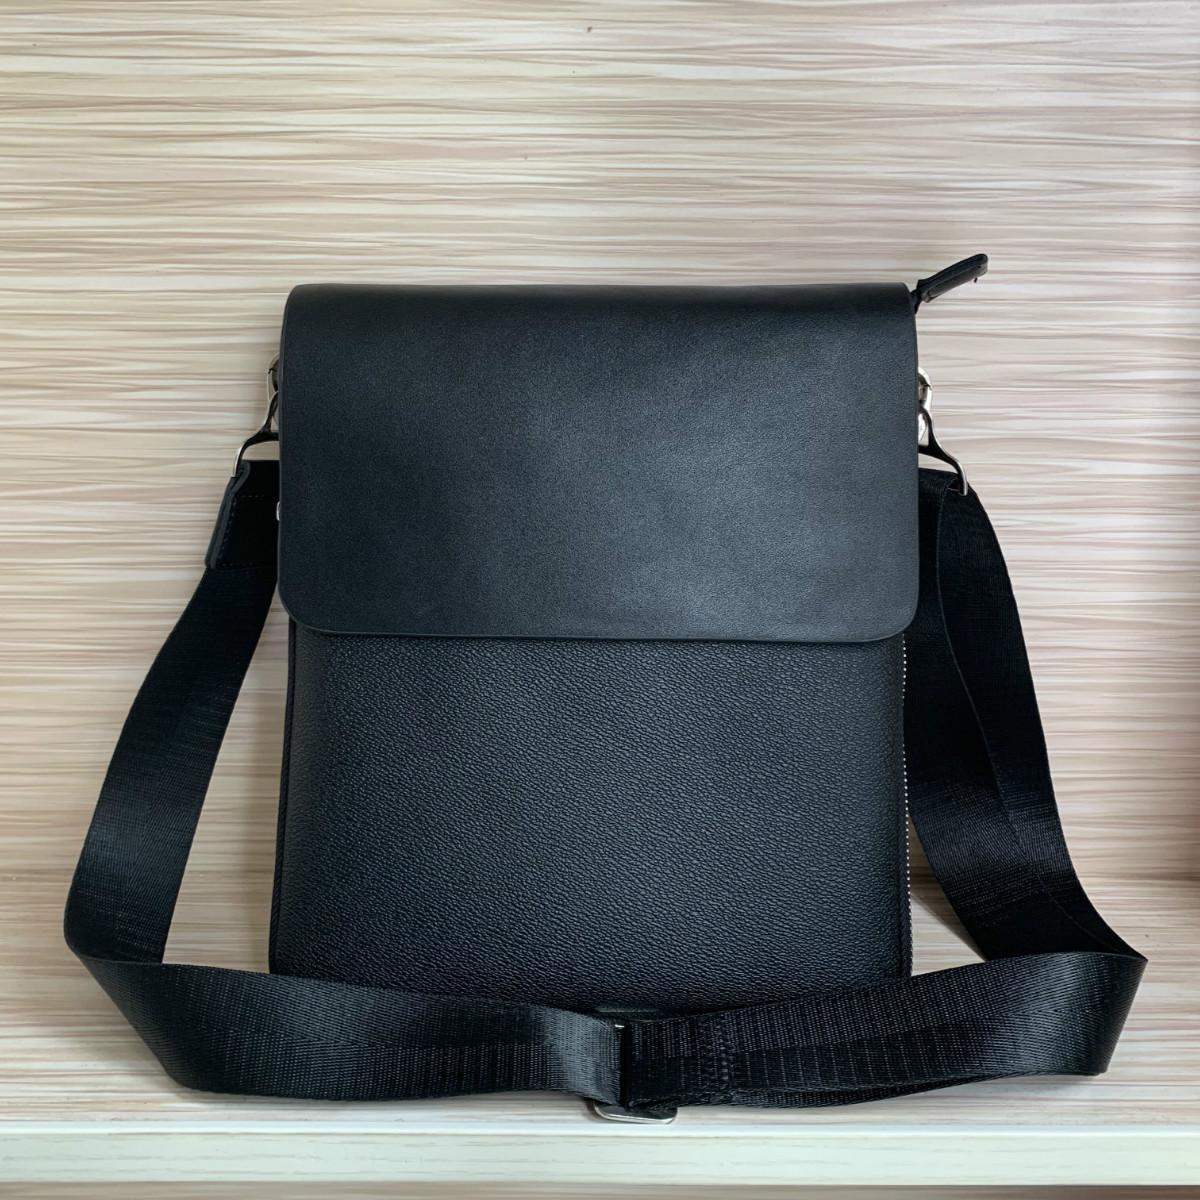 Designer Handtasche Luxurys Handtaschen Hohe Qualität Damen Kette Umhängetasche Patent Leder Diamant Luxurys Abendtaschen Cross Body Bag